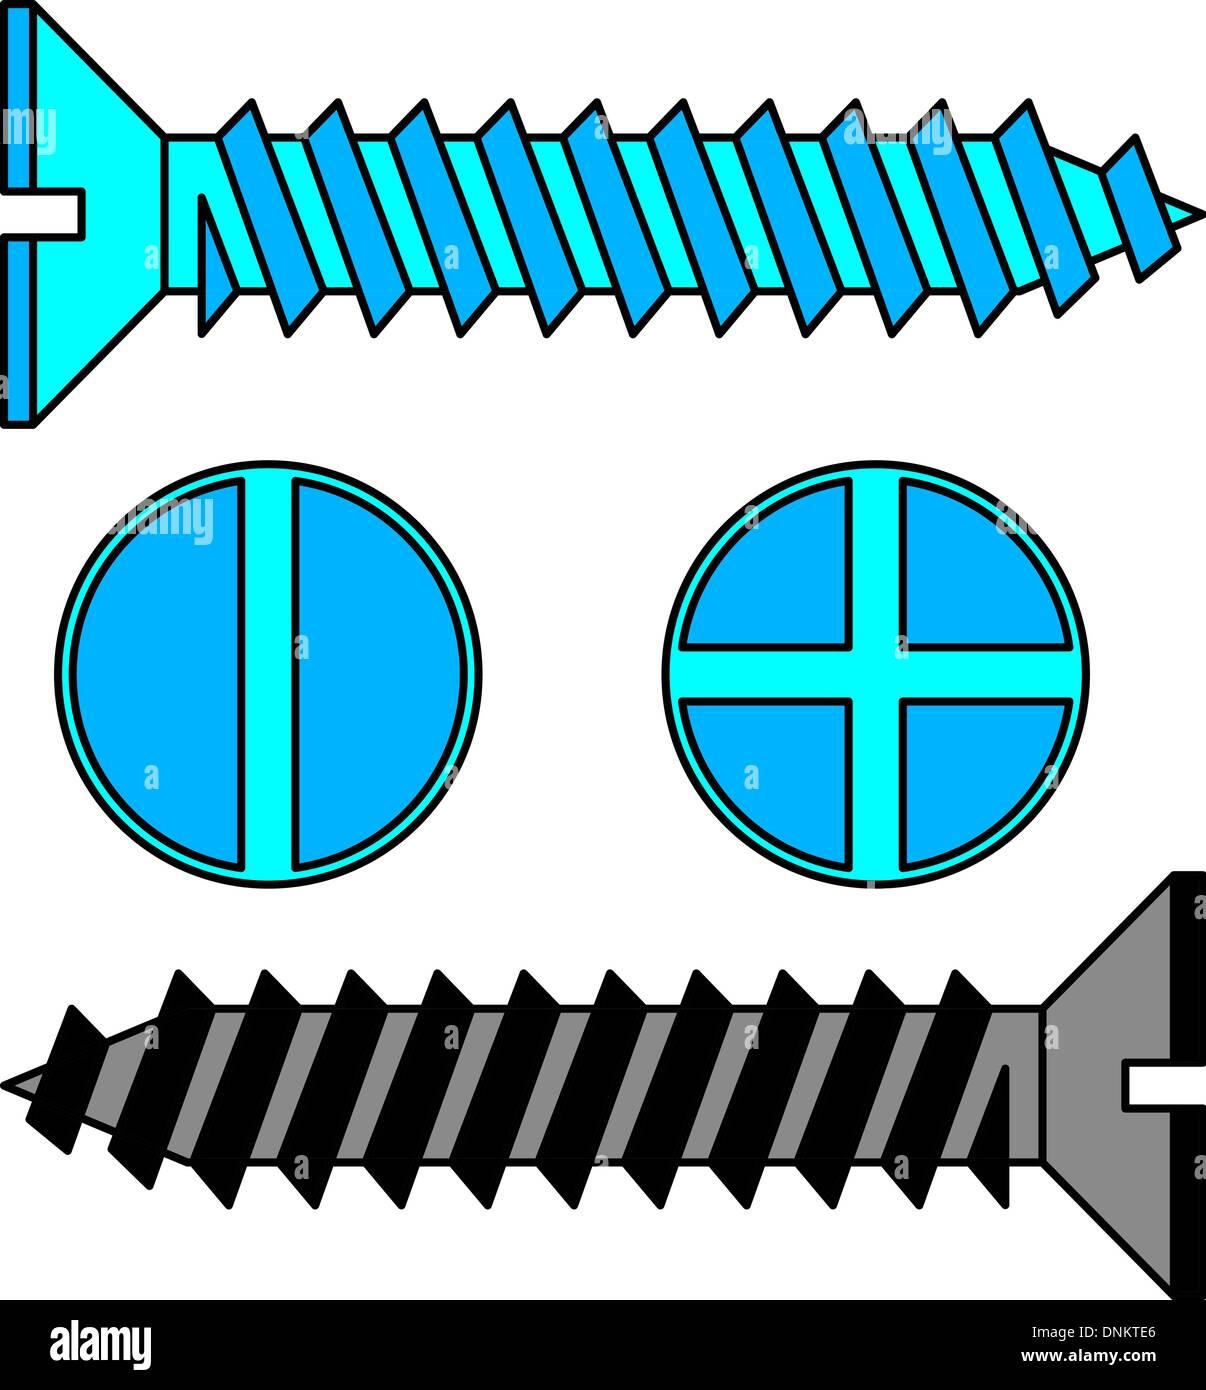 Vite di acciaio inossidabile. Illustrazione Vettoriale. Immagini Stock